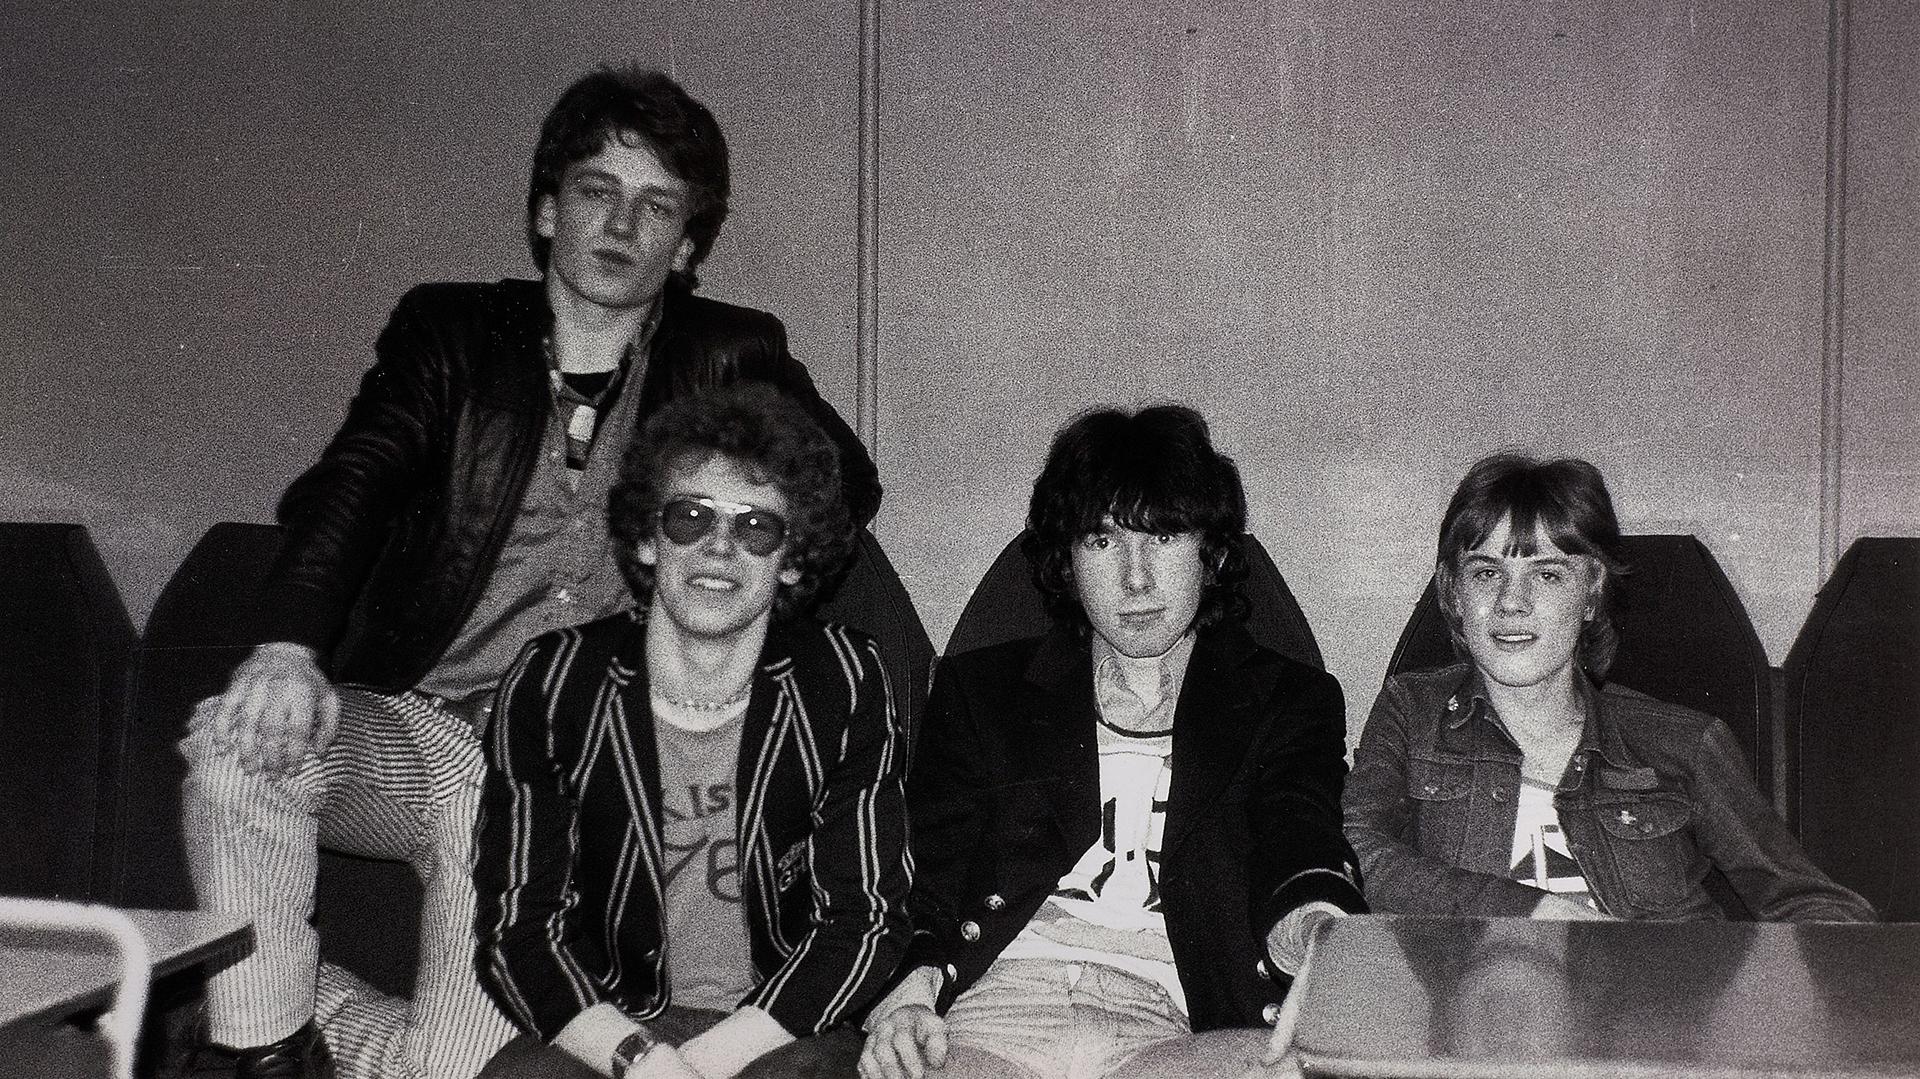 Los cuatro miembros de U2 se conocieron en su escuela de Dublin, donde formaron un grupo llamado Feedback, que comenzó haciendo versiones de los Beach Boys y de los Rolling Stones